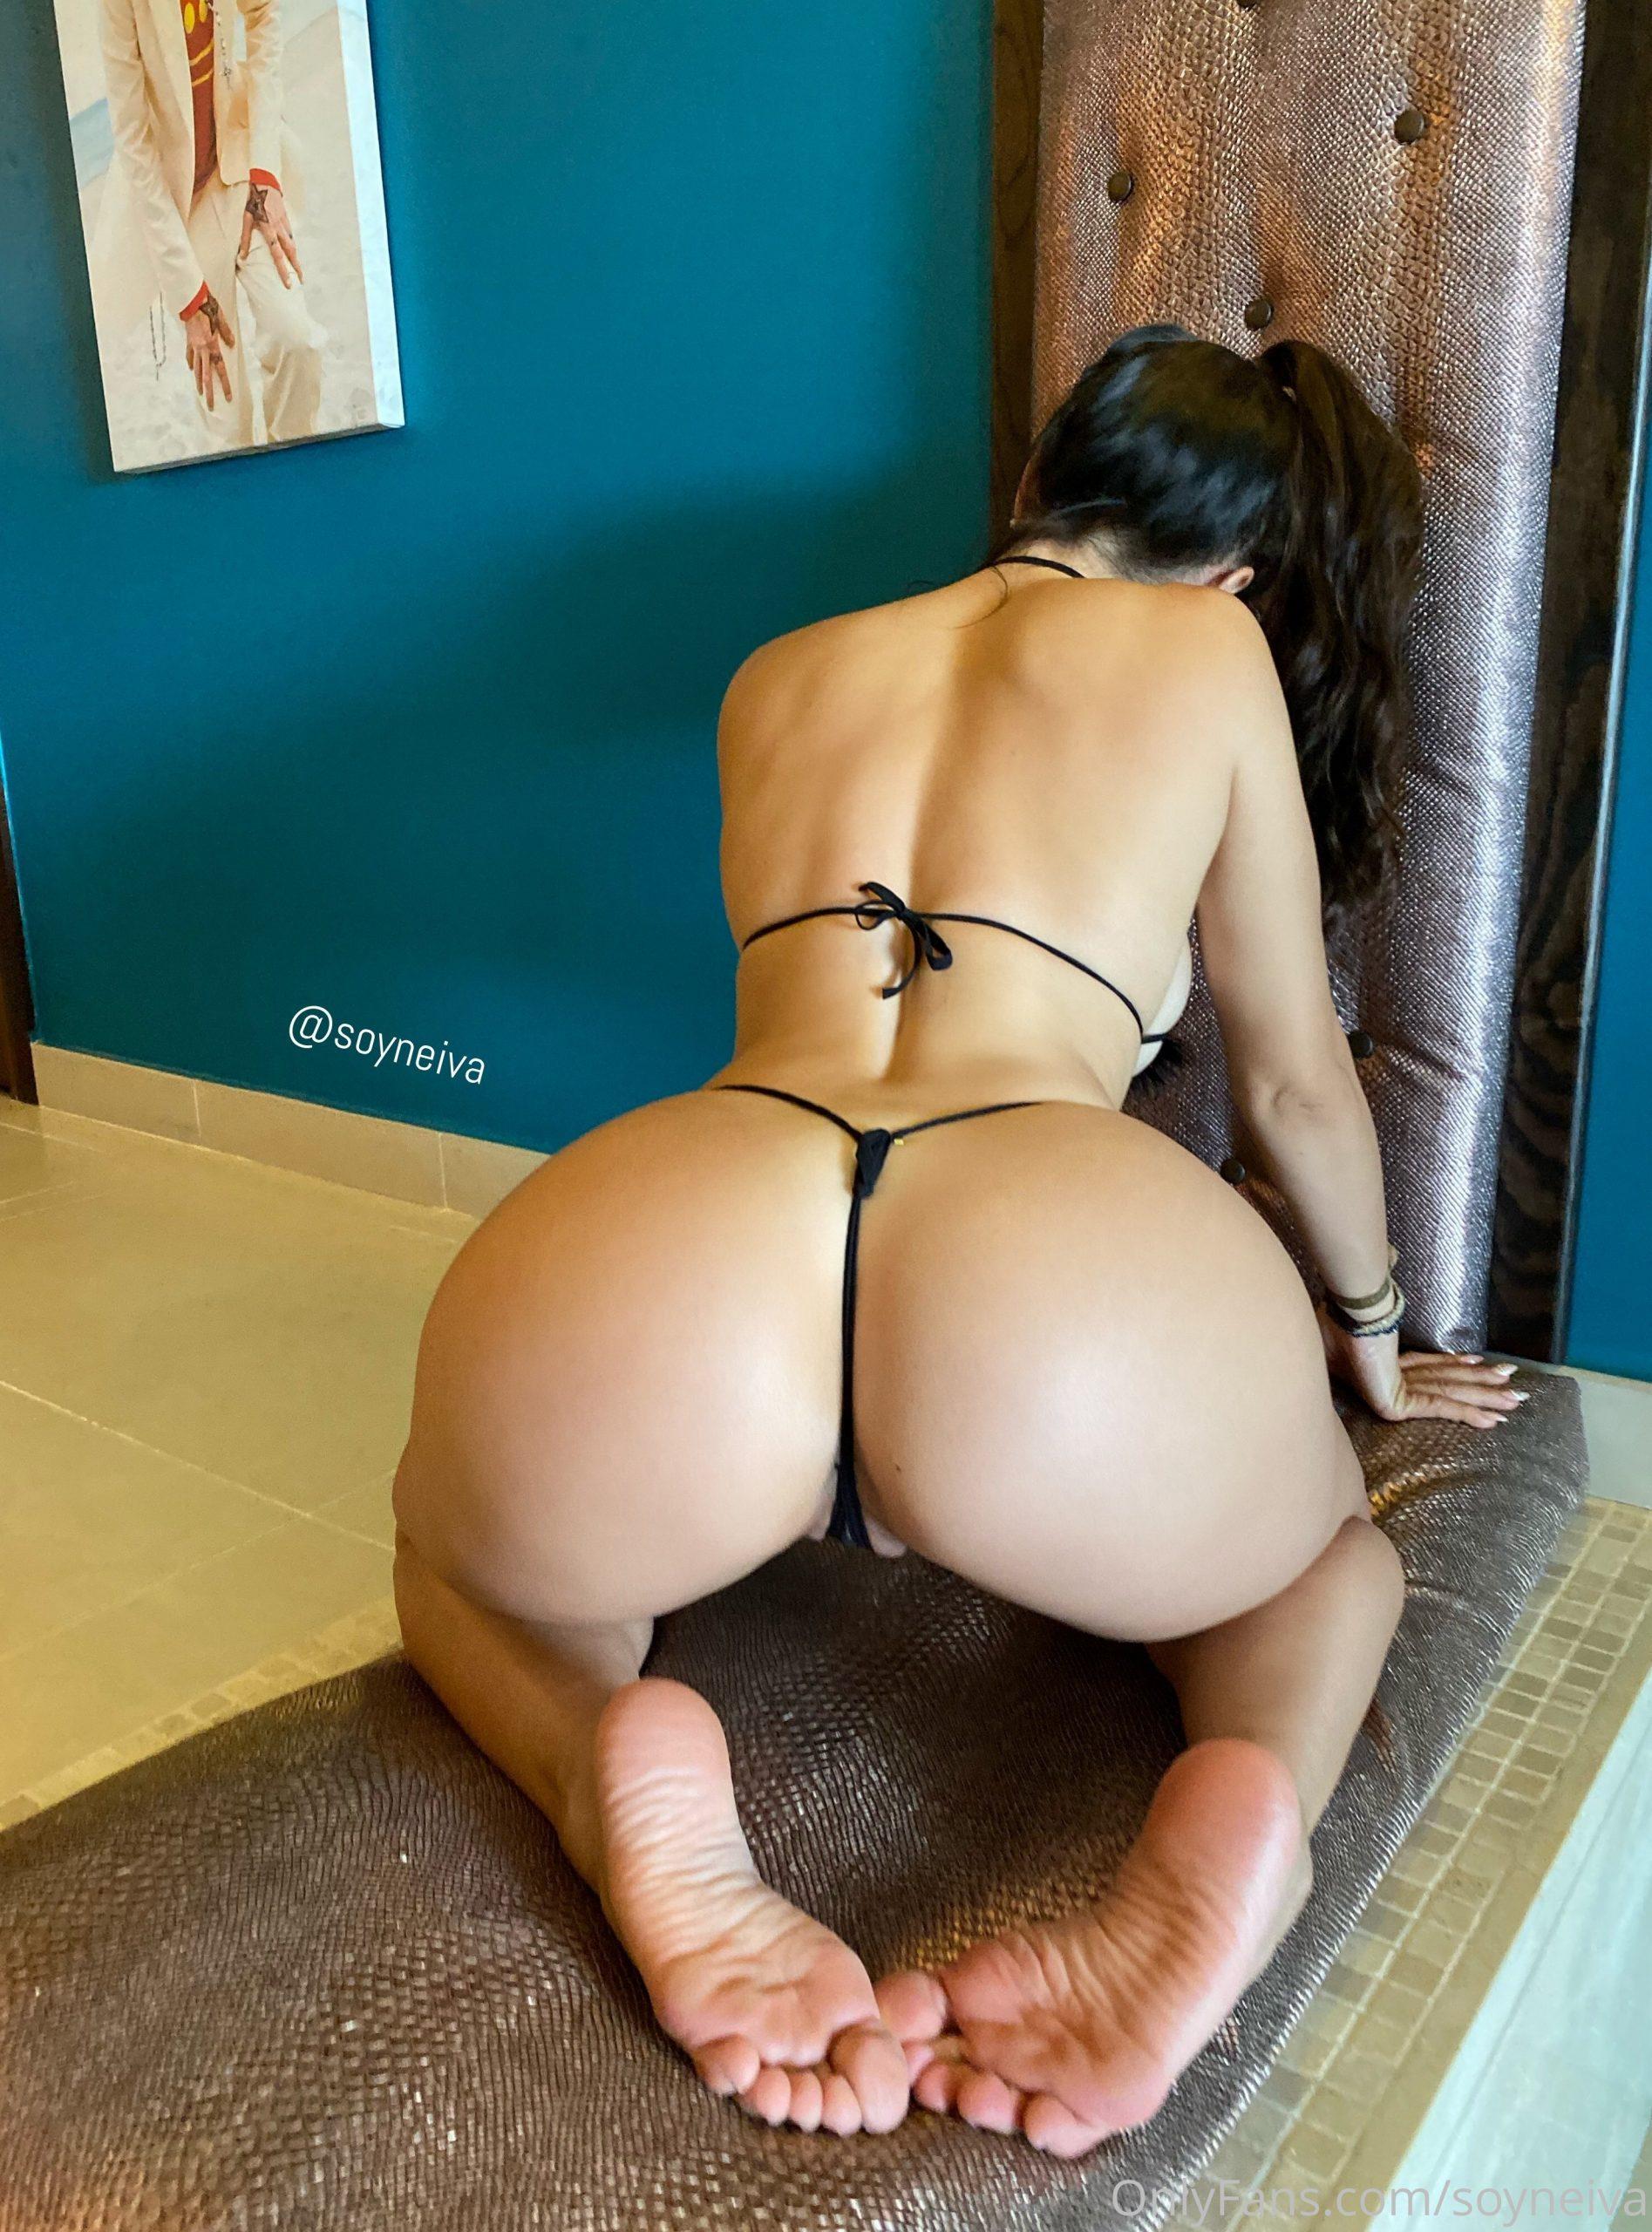 Neiva Mara, Soyneiva, Onlyfans Nudes Leaks 0020